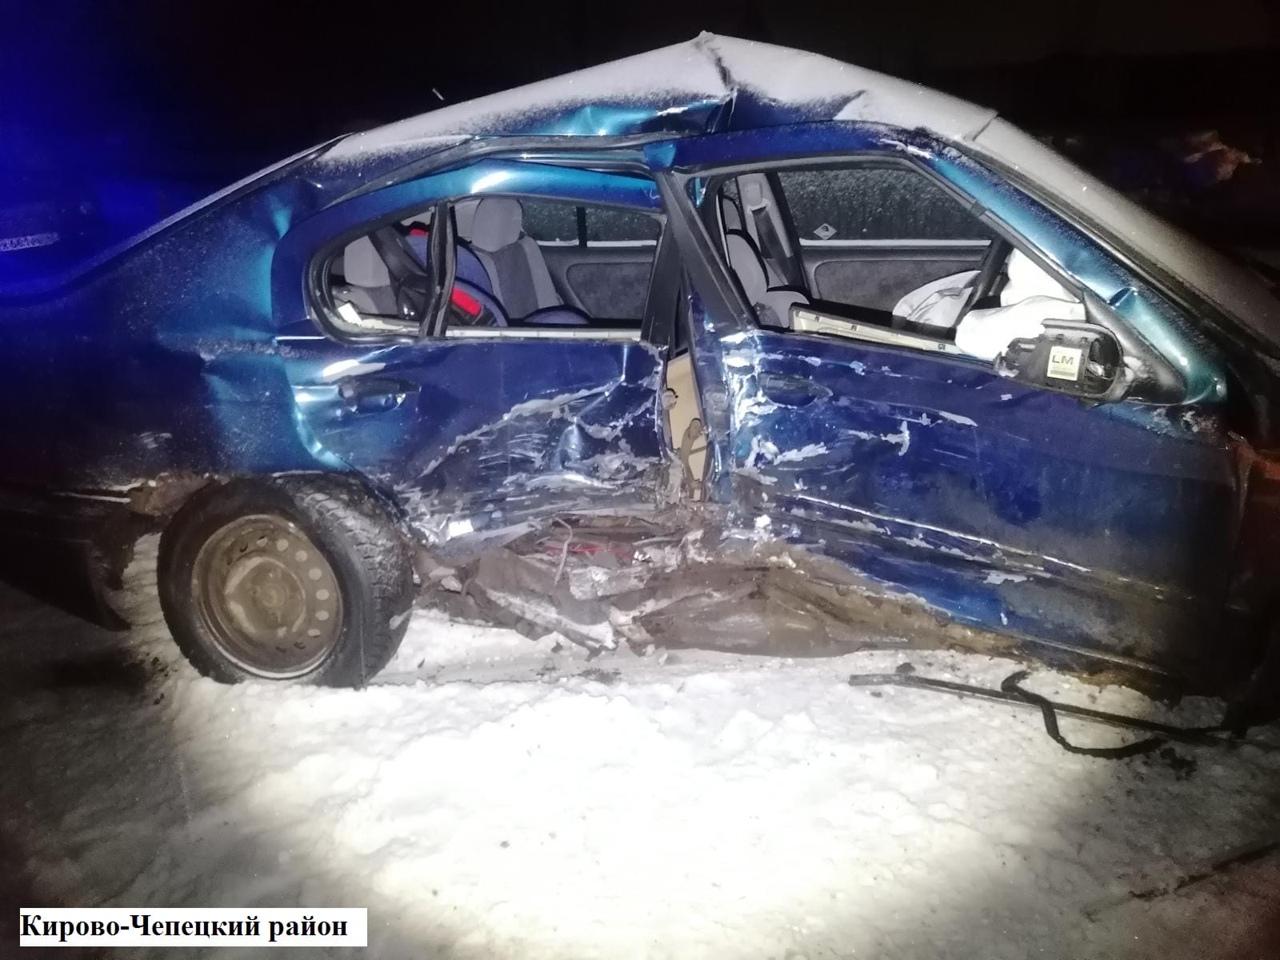 На трассе в Чепецком районе столкнулись иномарка и ВАЗ: травмированы оба водителя